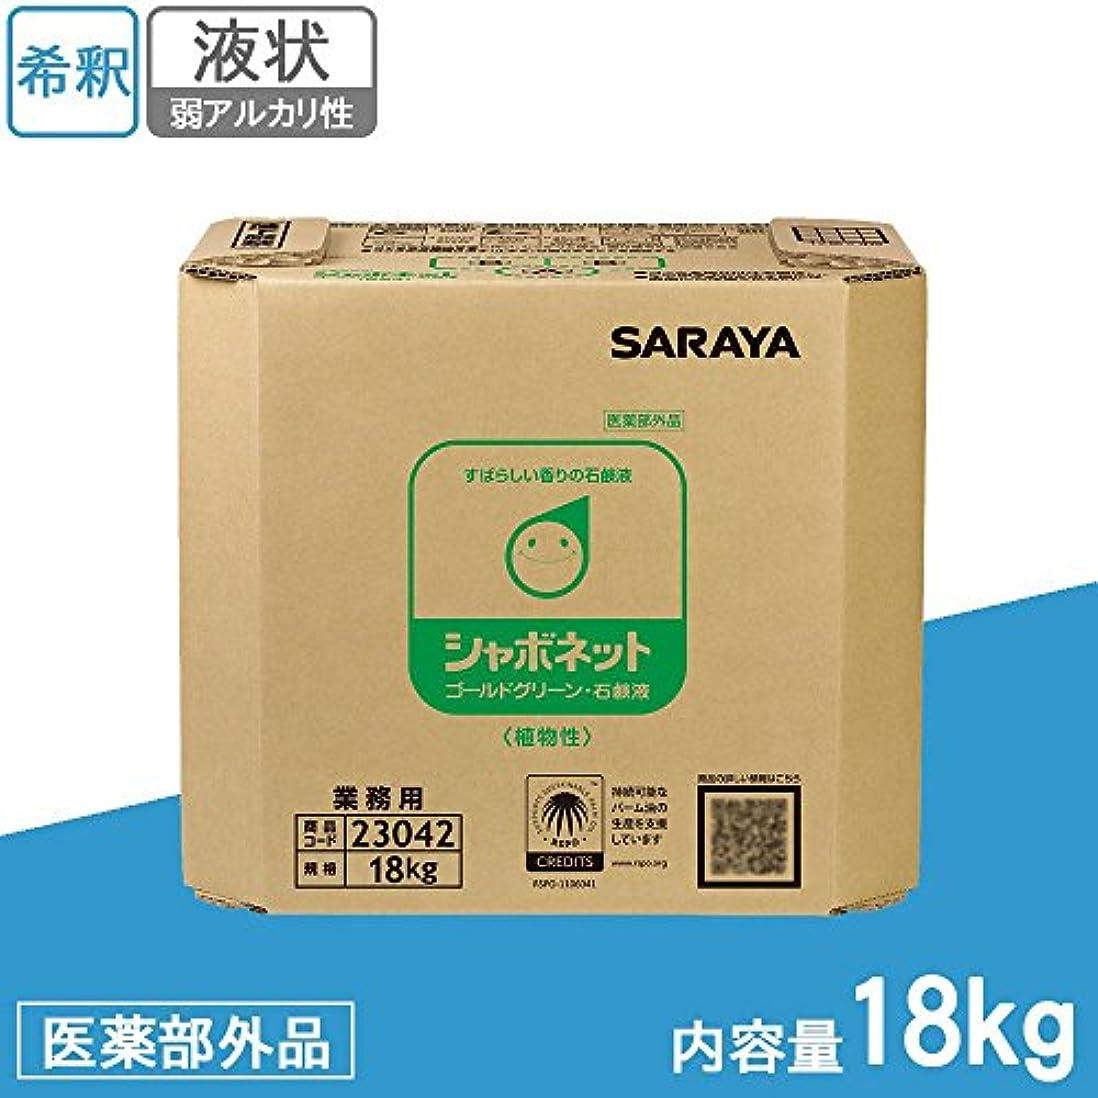 脅威義務一貫性のないサラヤ 業務用 手洗い用石けん液 シャボネットゴールドグリーン スズランの香り 18kg BIB 23042 (医薬部外品)